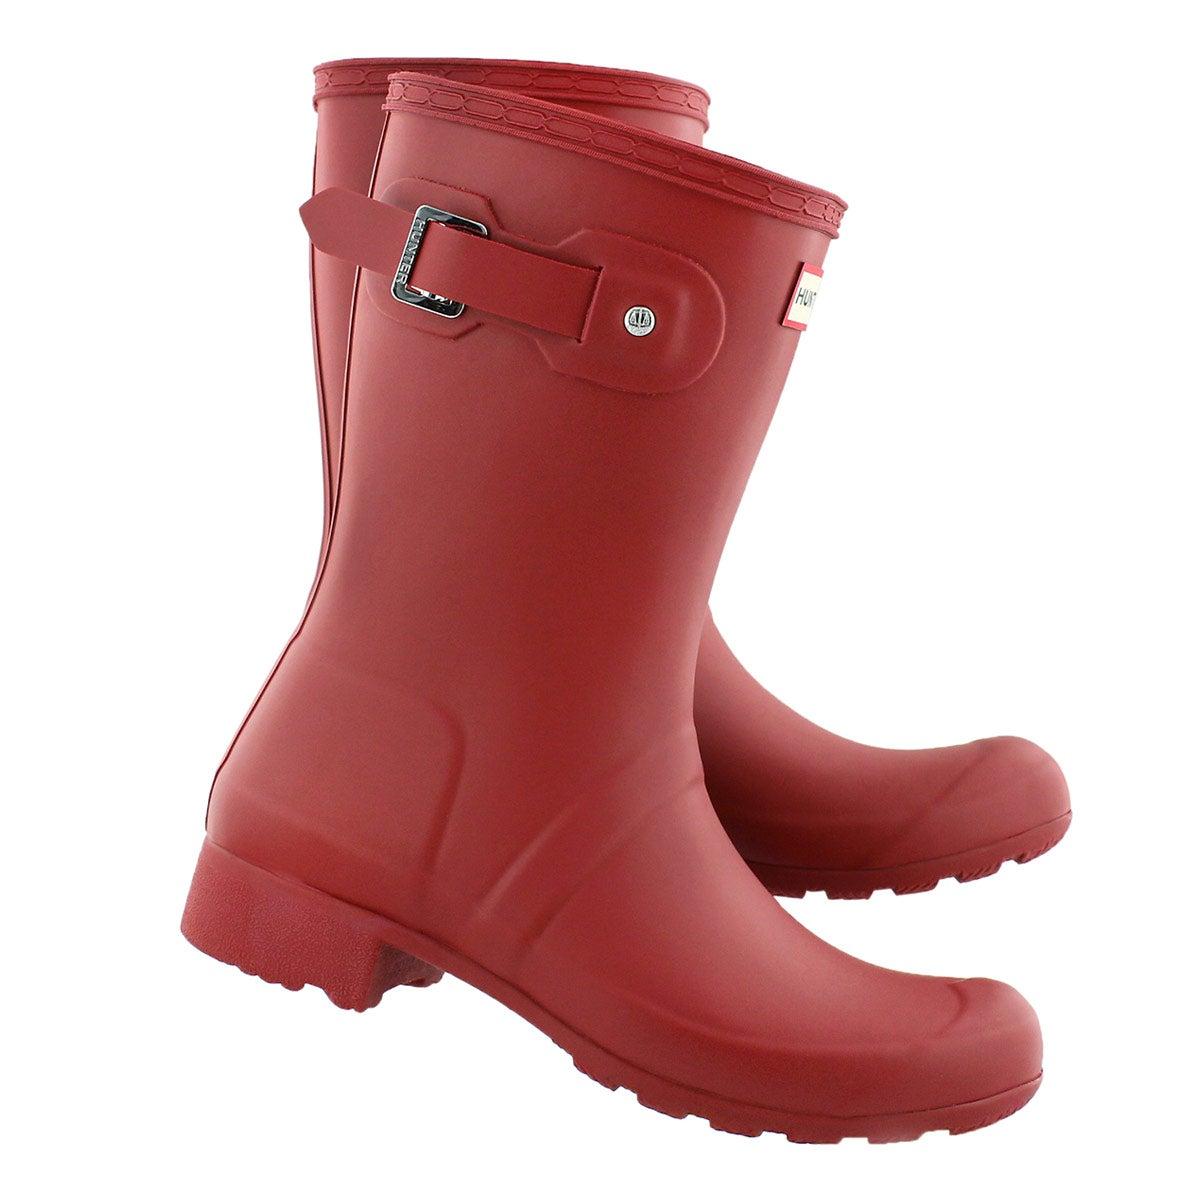 Lds Original Tour Short red rain boot